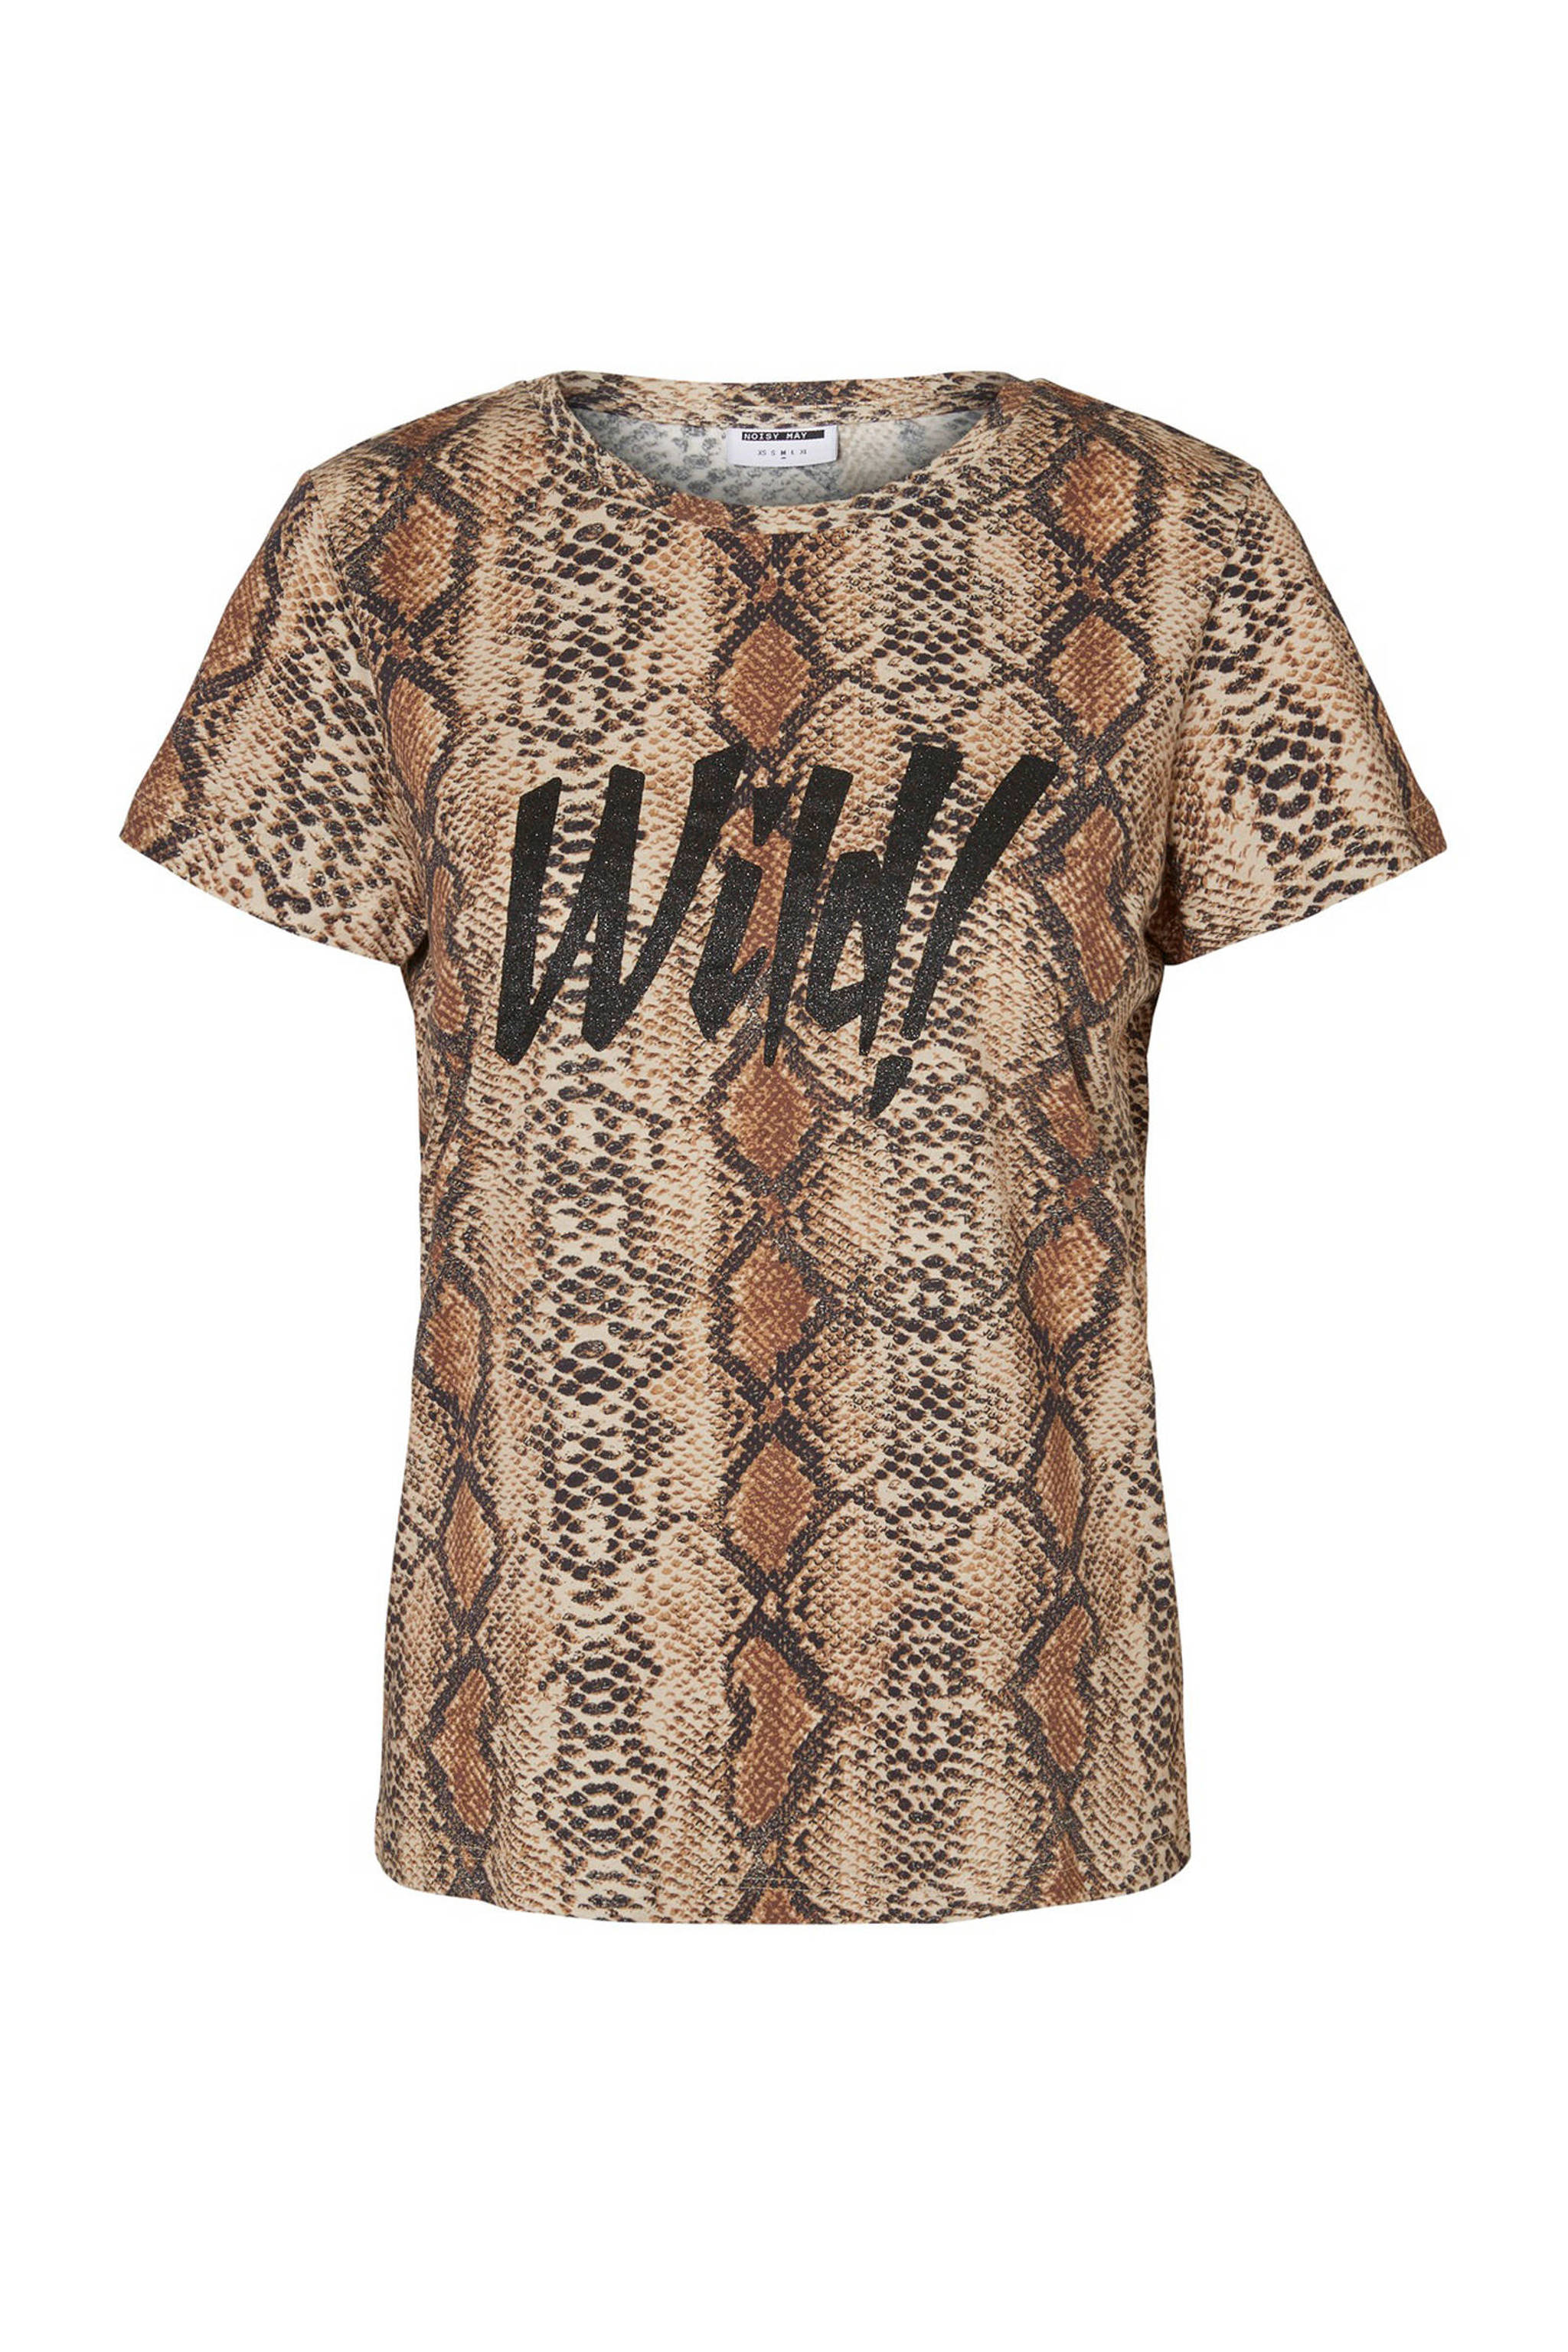 a8d5bdfd010 Noisy may T-shirt met slangenprint bruin | wehkamp